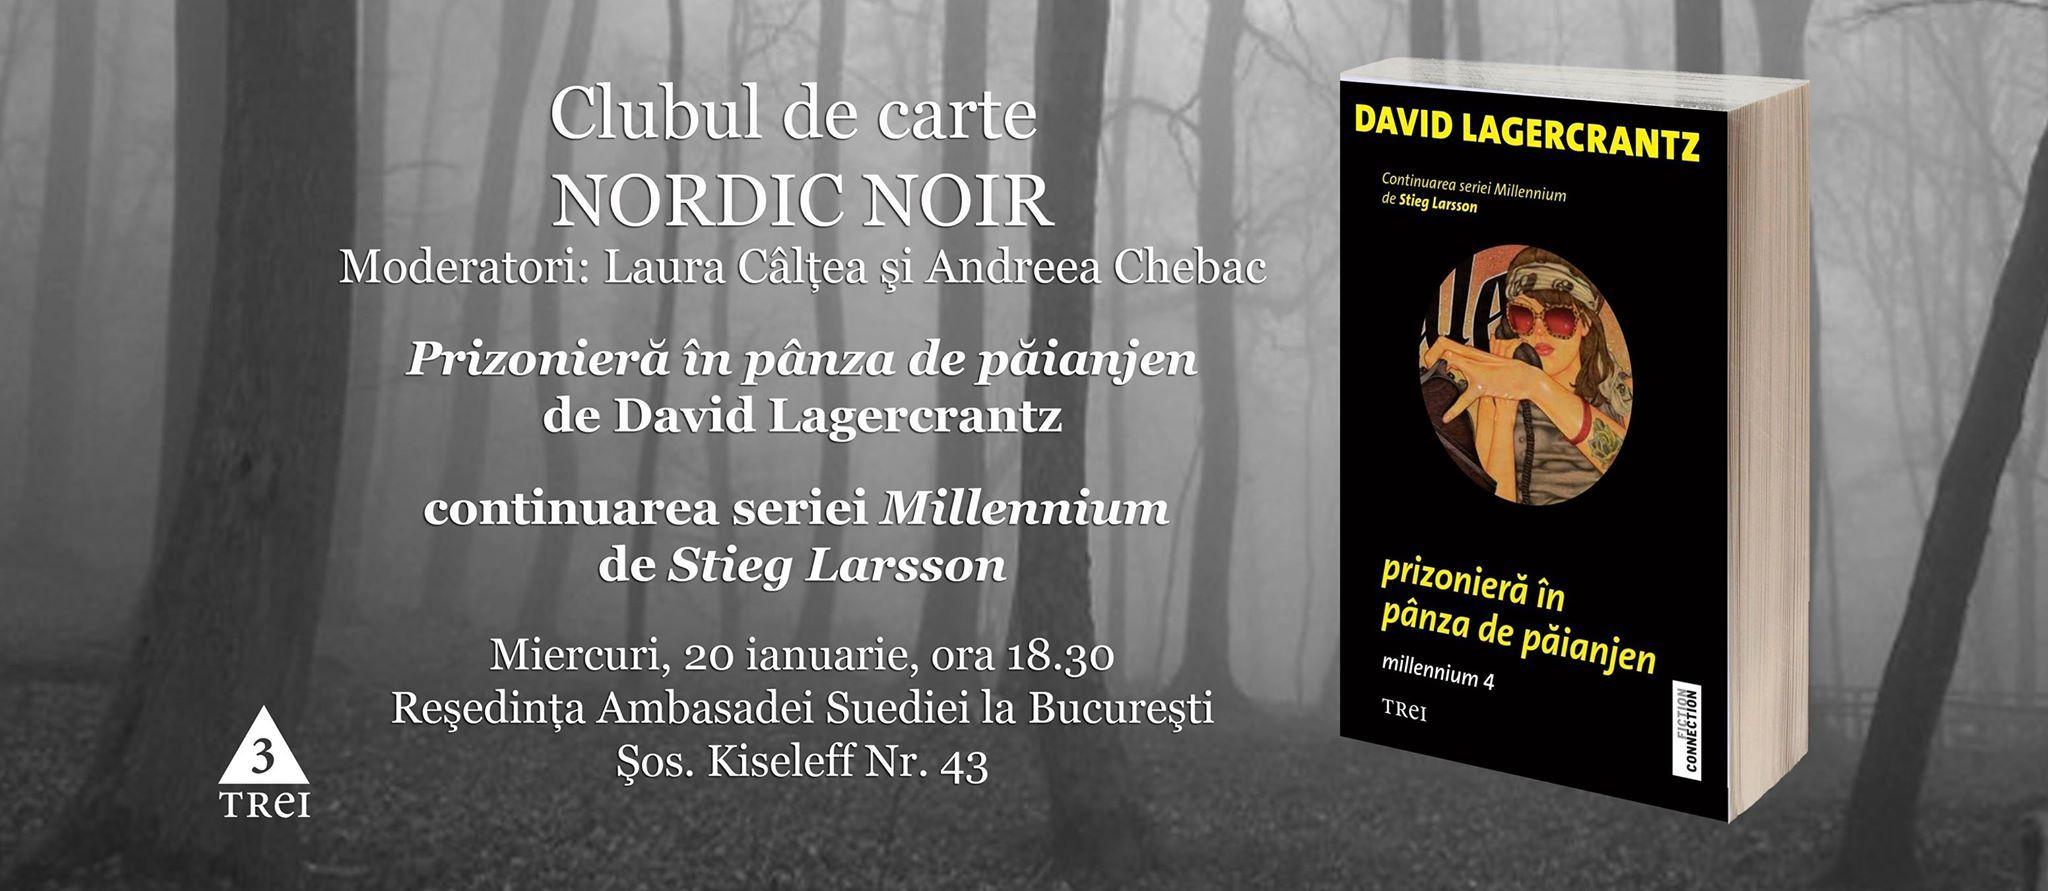 """Clubul de carte Nordic Noir: """"Millenium IV: Prizonieră în pânza de păianjen"""", de David Lagercrantz"""